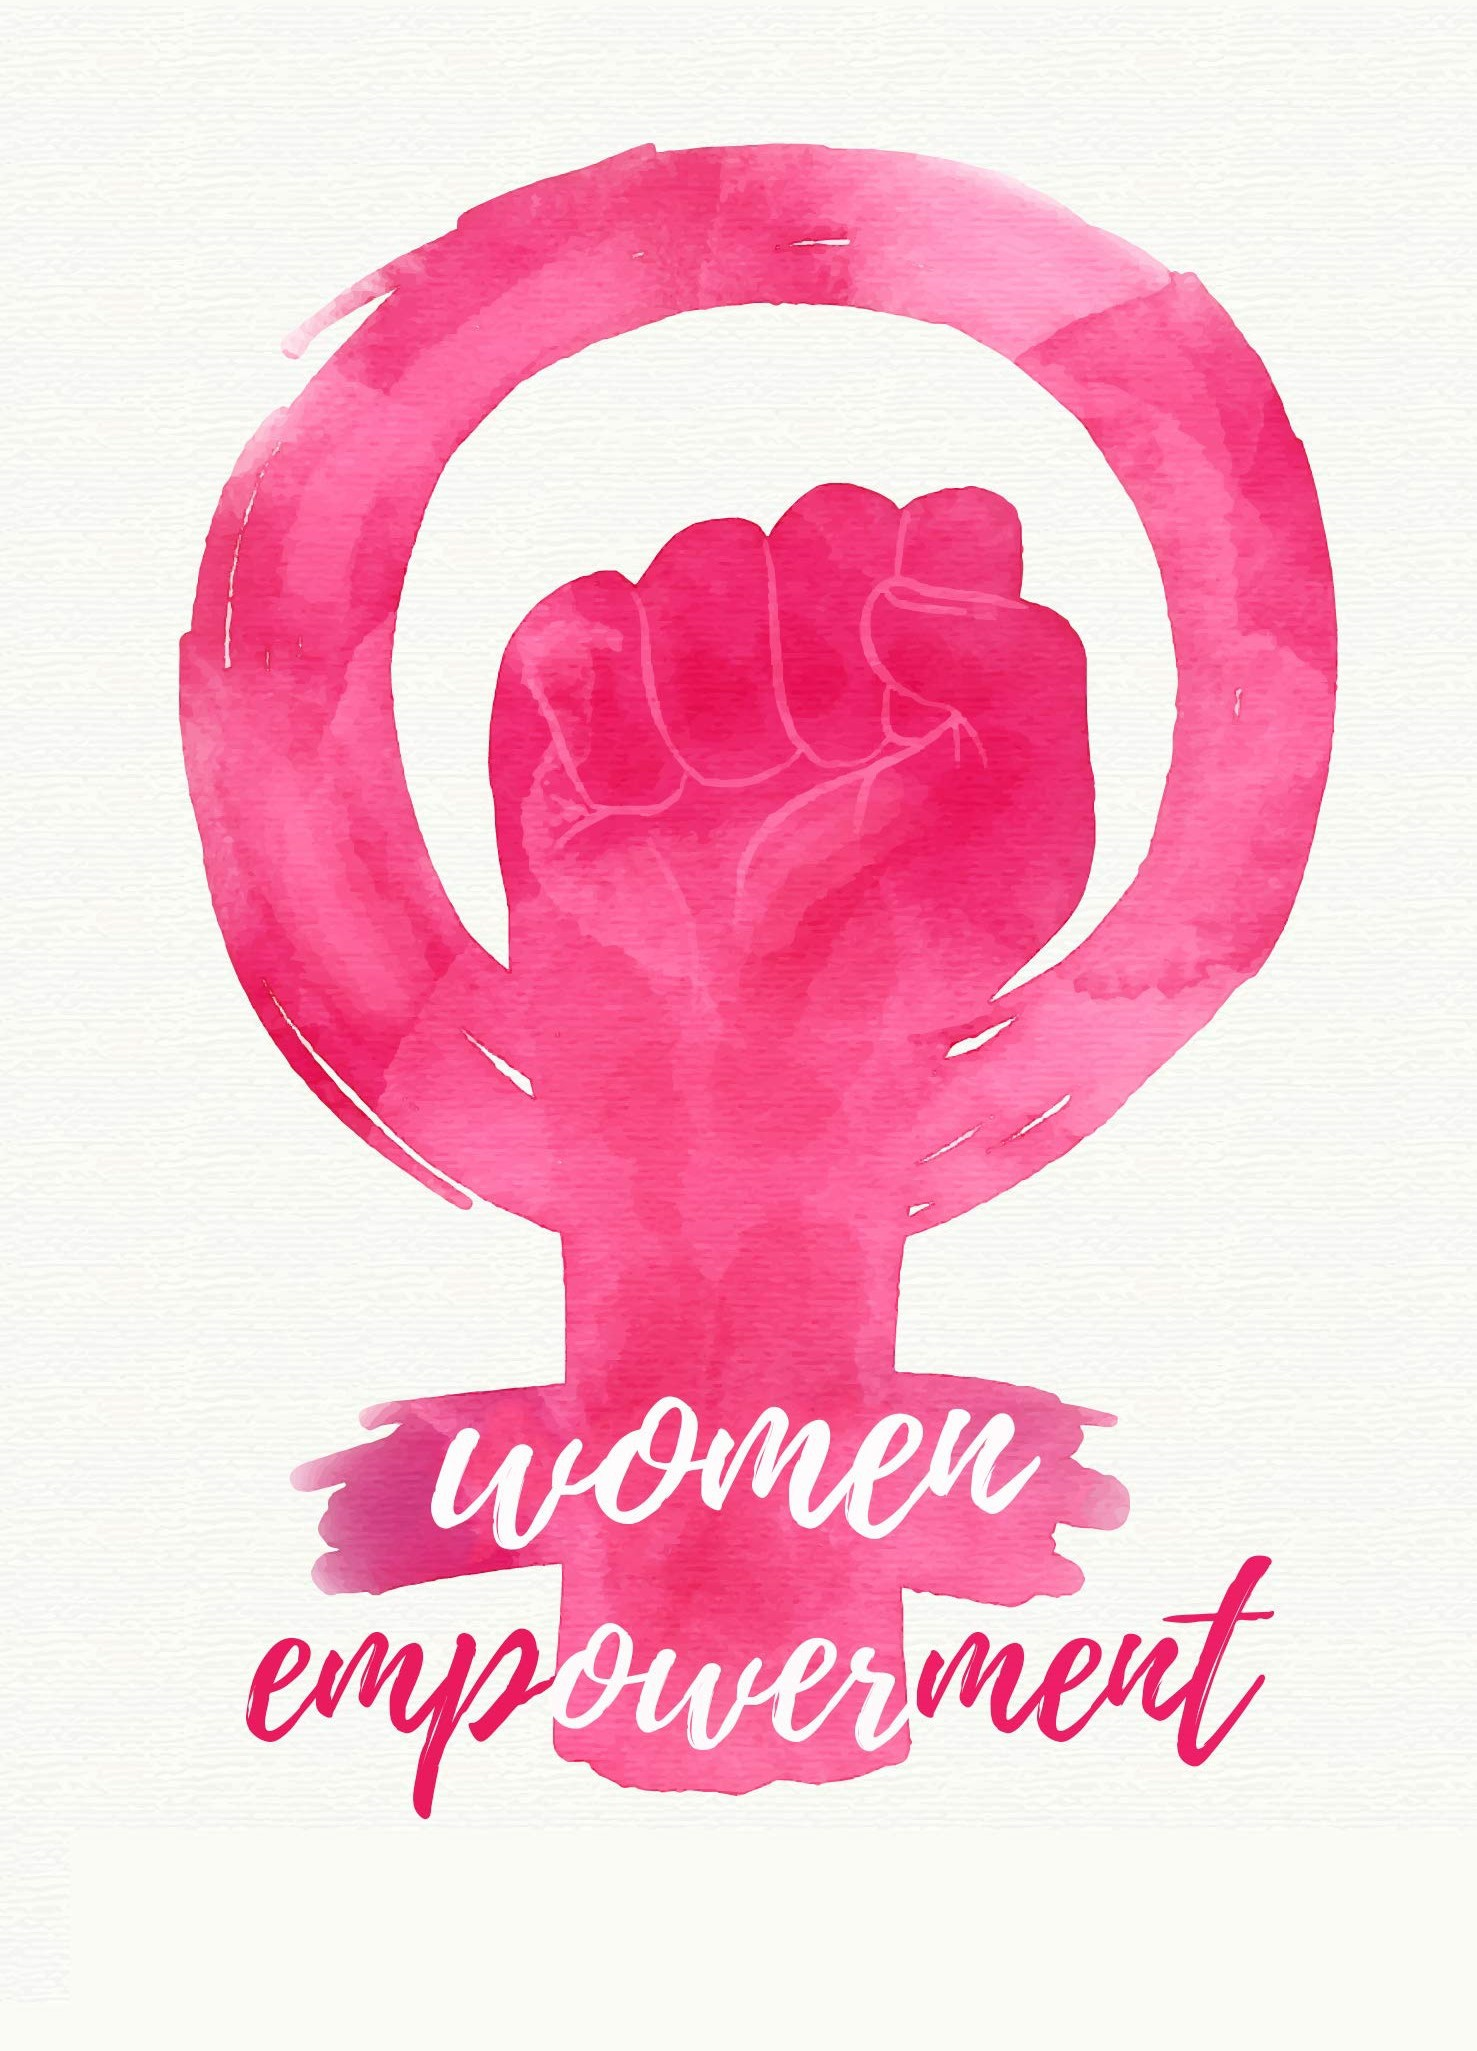 The New Era of Women Empowerment